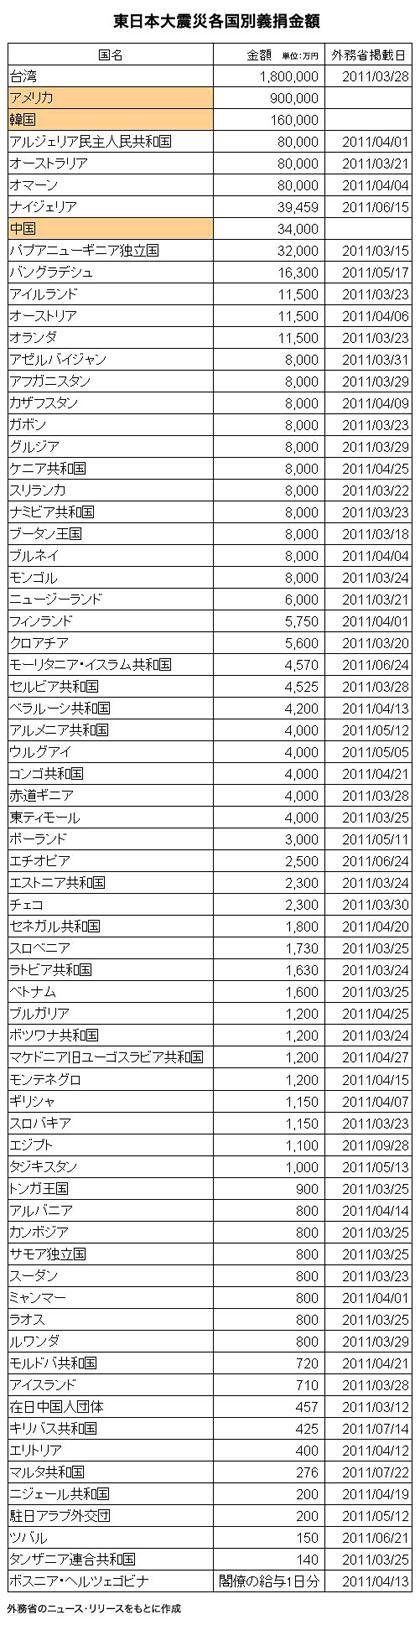 東日本大震災各国別義捐金学20120312